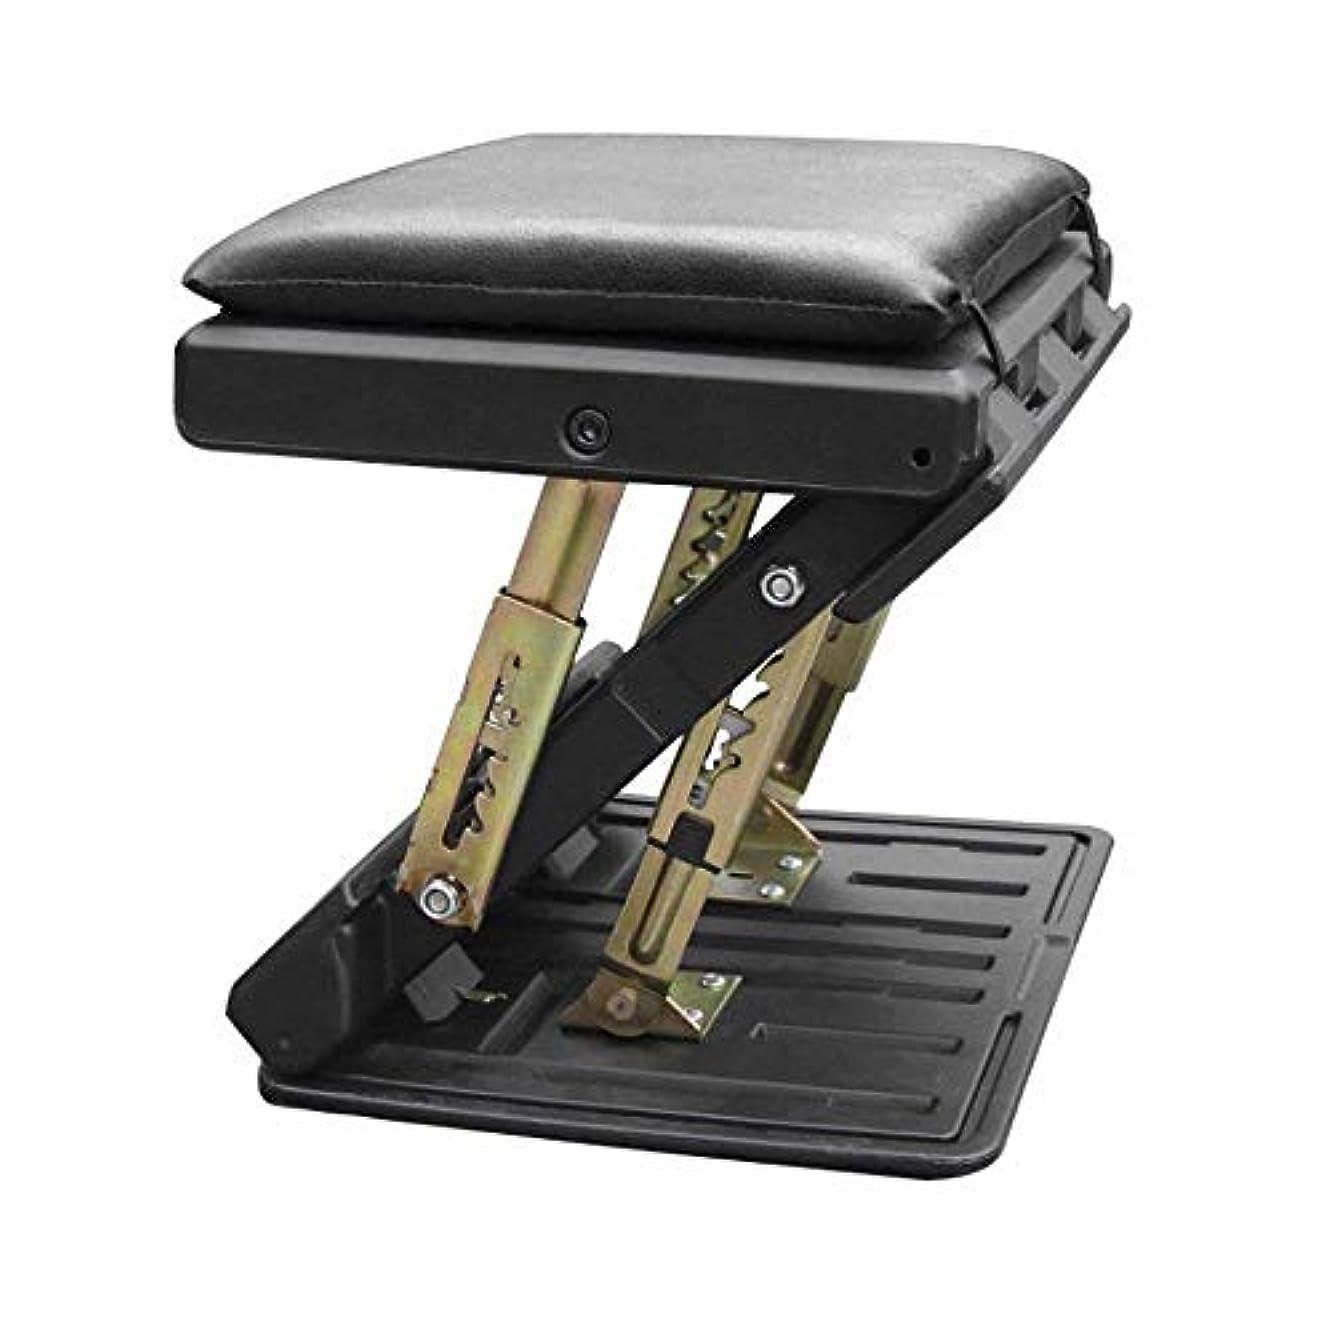 ギャザー喪無礼に人間工学に基づいたフットレスト、デスク下のマッサージサーフェス付きチルト調整可能フットレスト、膝の痛みを和らげるフットレストクッション、車用、ホーム、オフィス、高脚